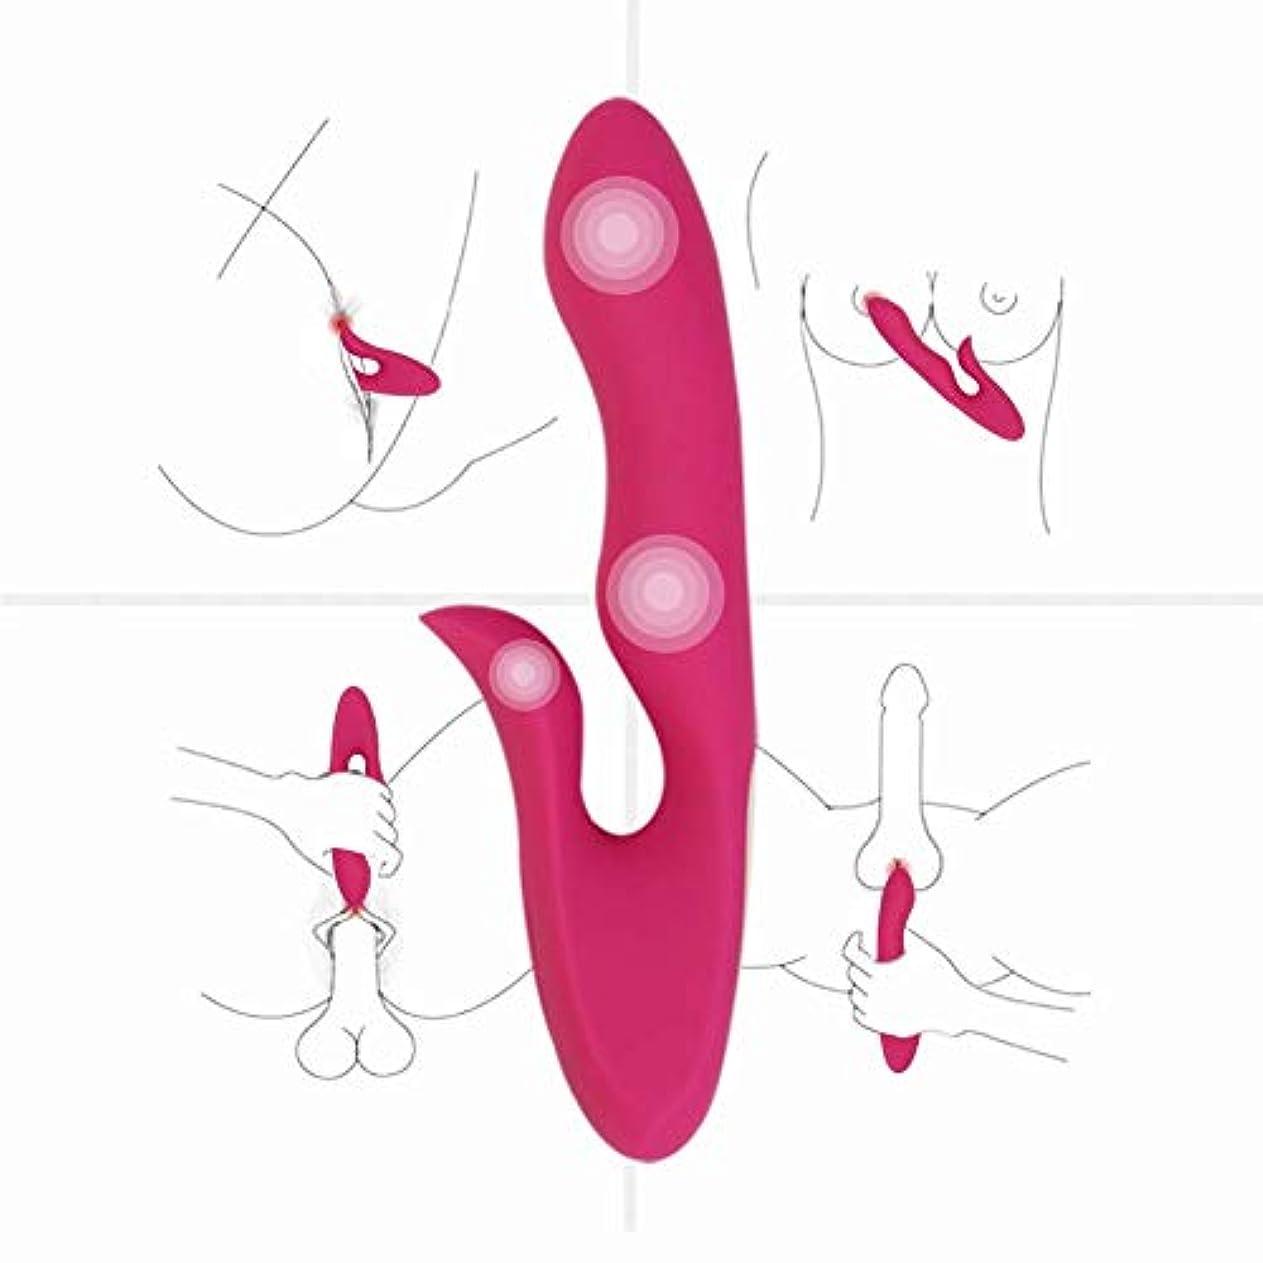 突破口医薬品ゴールドセックス指バイブレーターセックストイズのために女性3モーター 8 + 6 モードウサギ G スポットバイブレーター陰核膣大人トイズディルド Masturbator